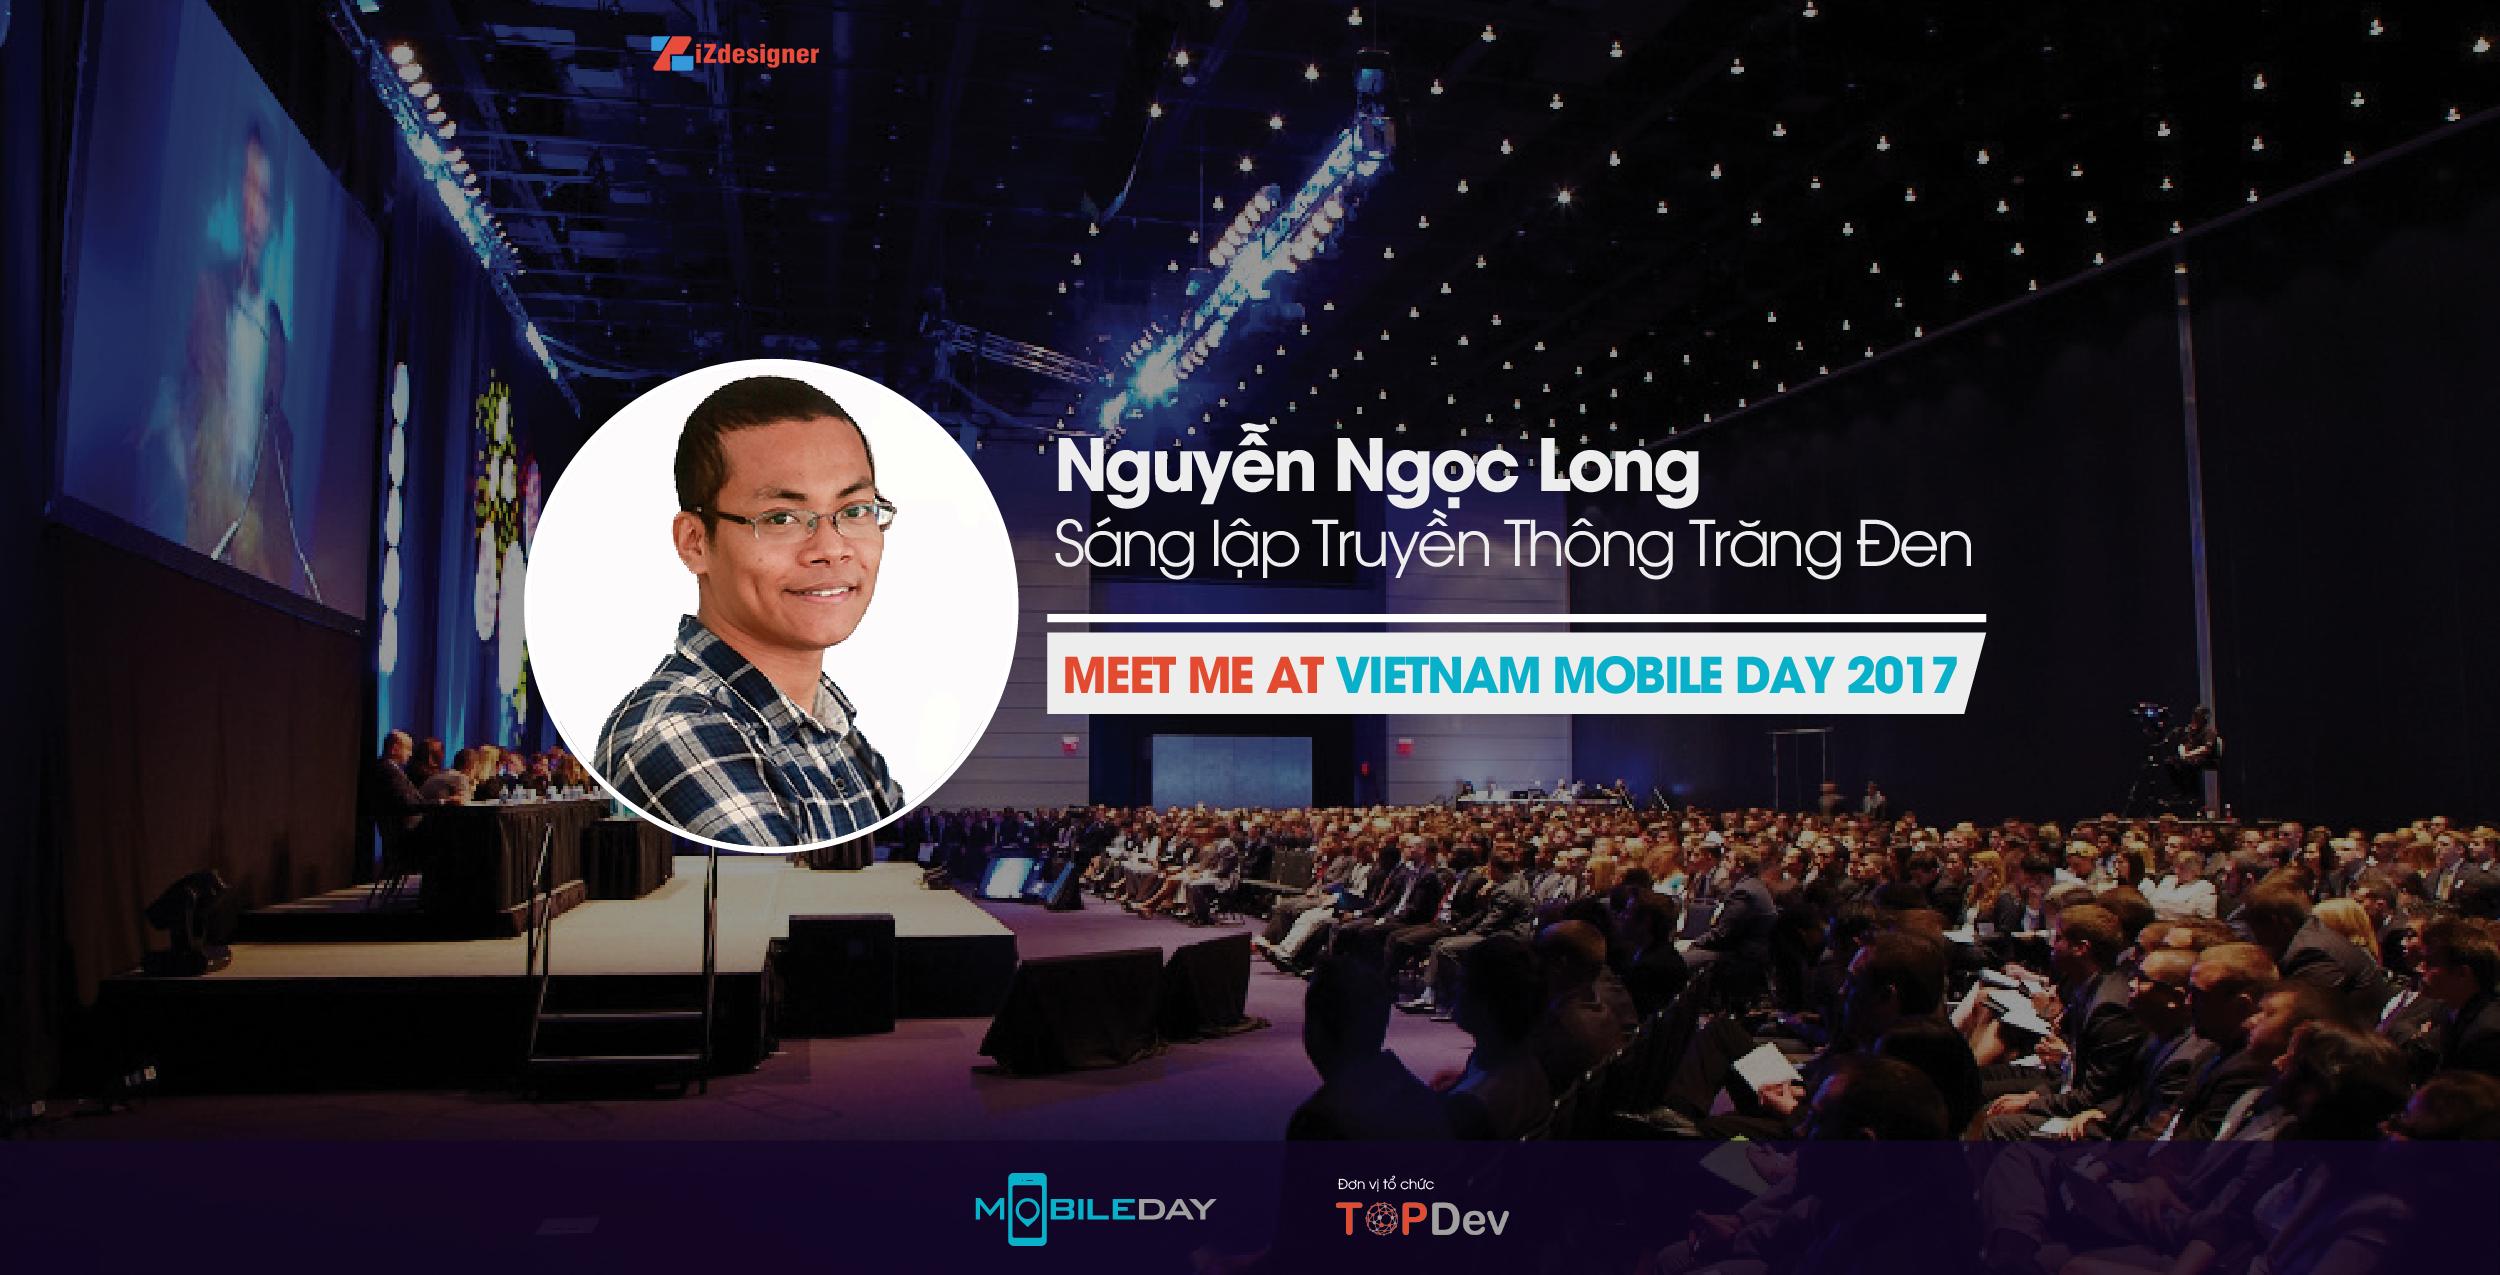 Sự kiện Vietnam Mobile Day 2017